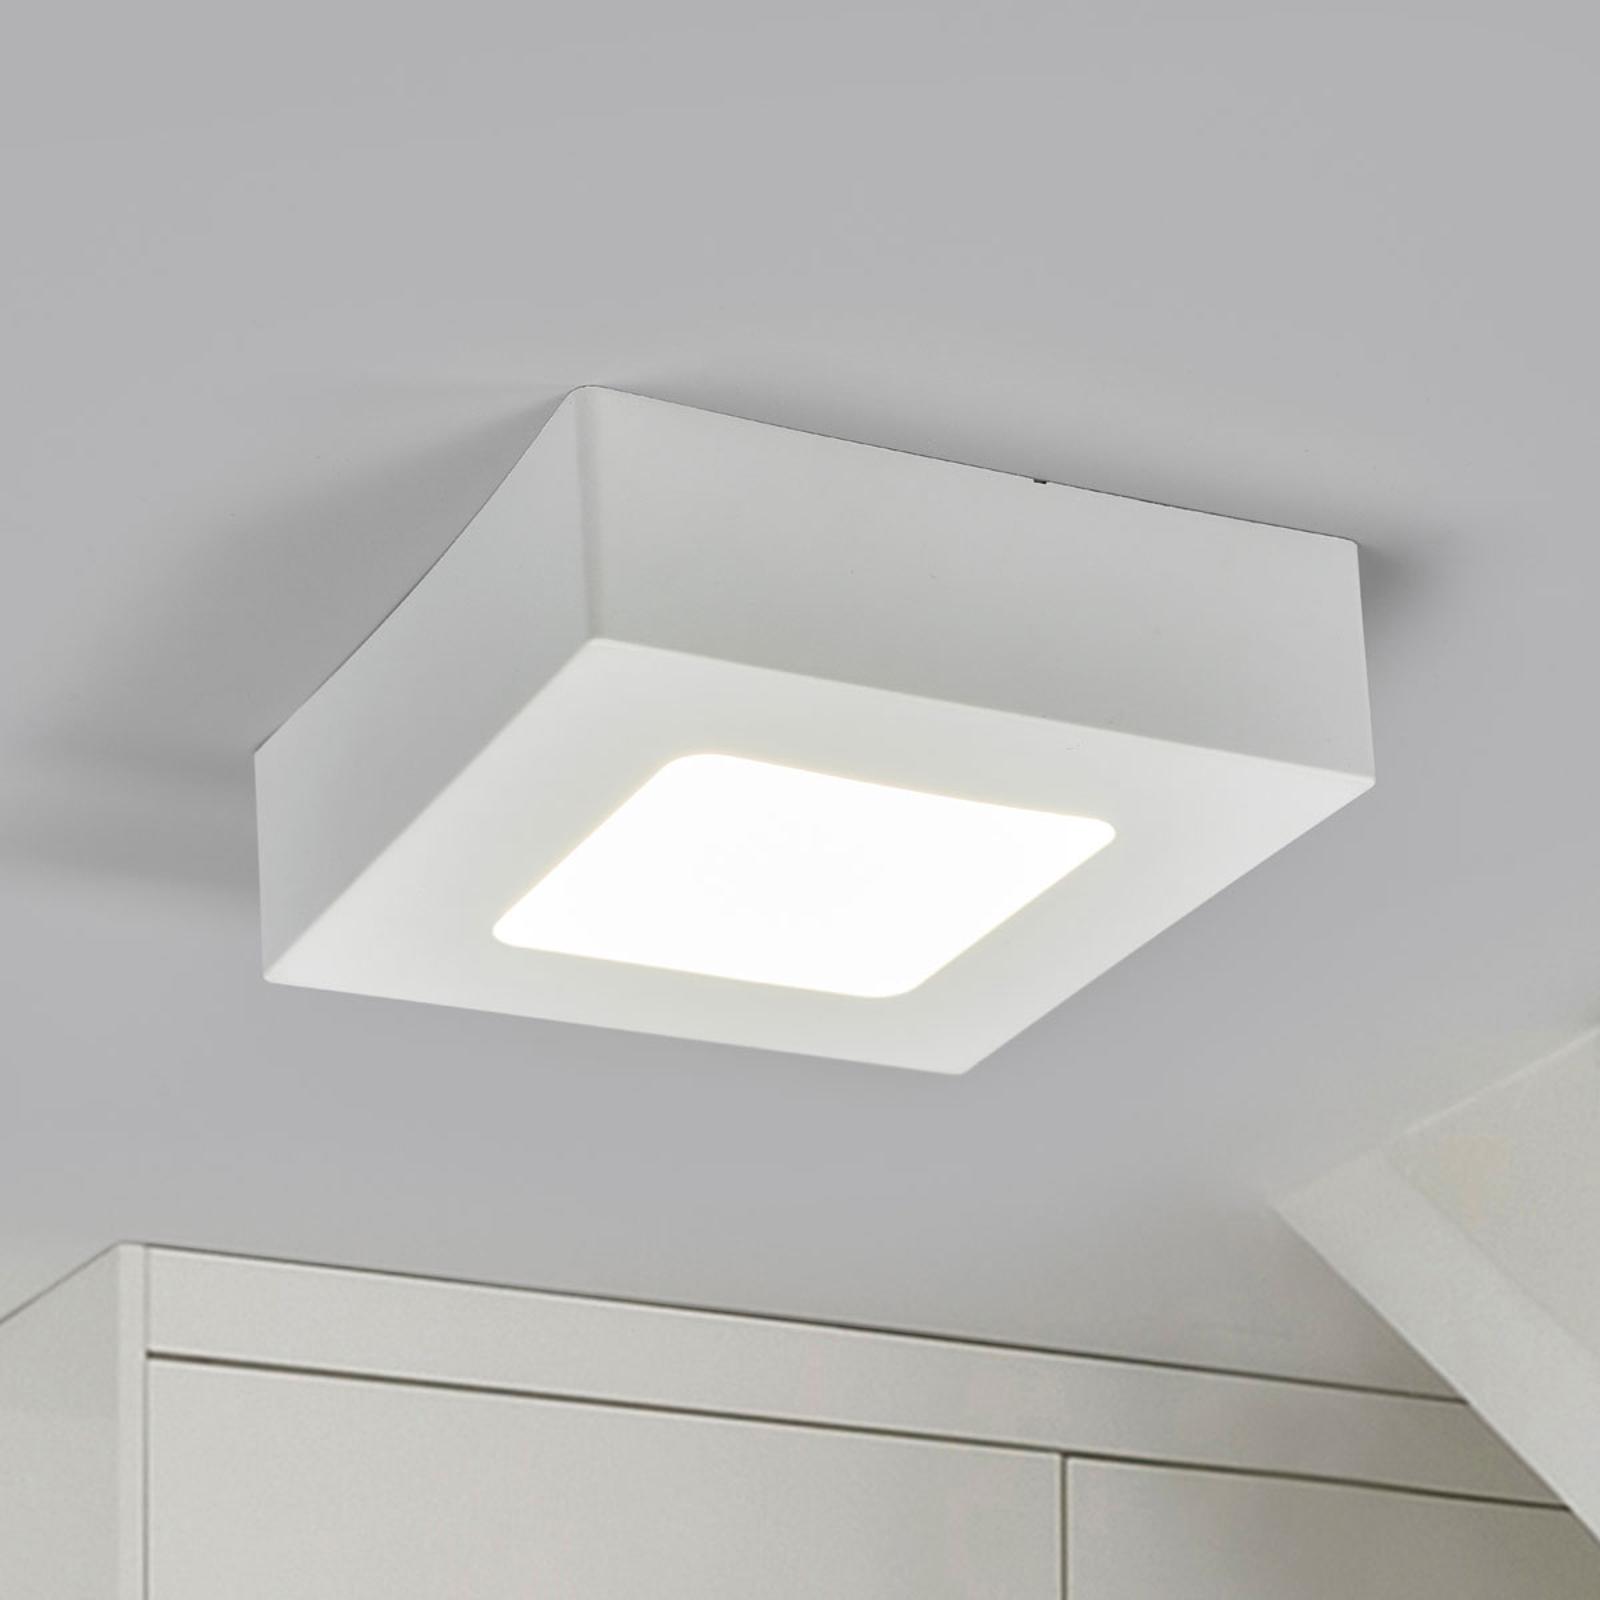 LED plafondlamp Marlo wit 4.000K hoekig 12,8 cm